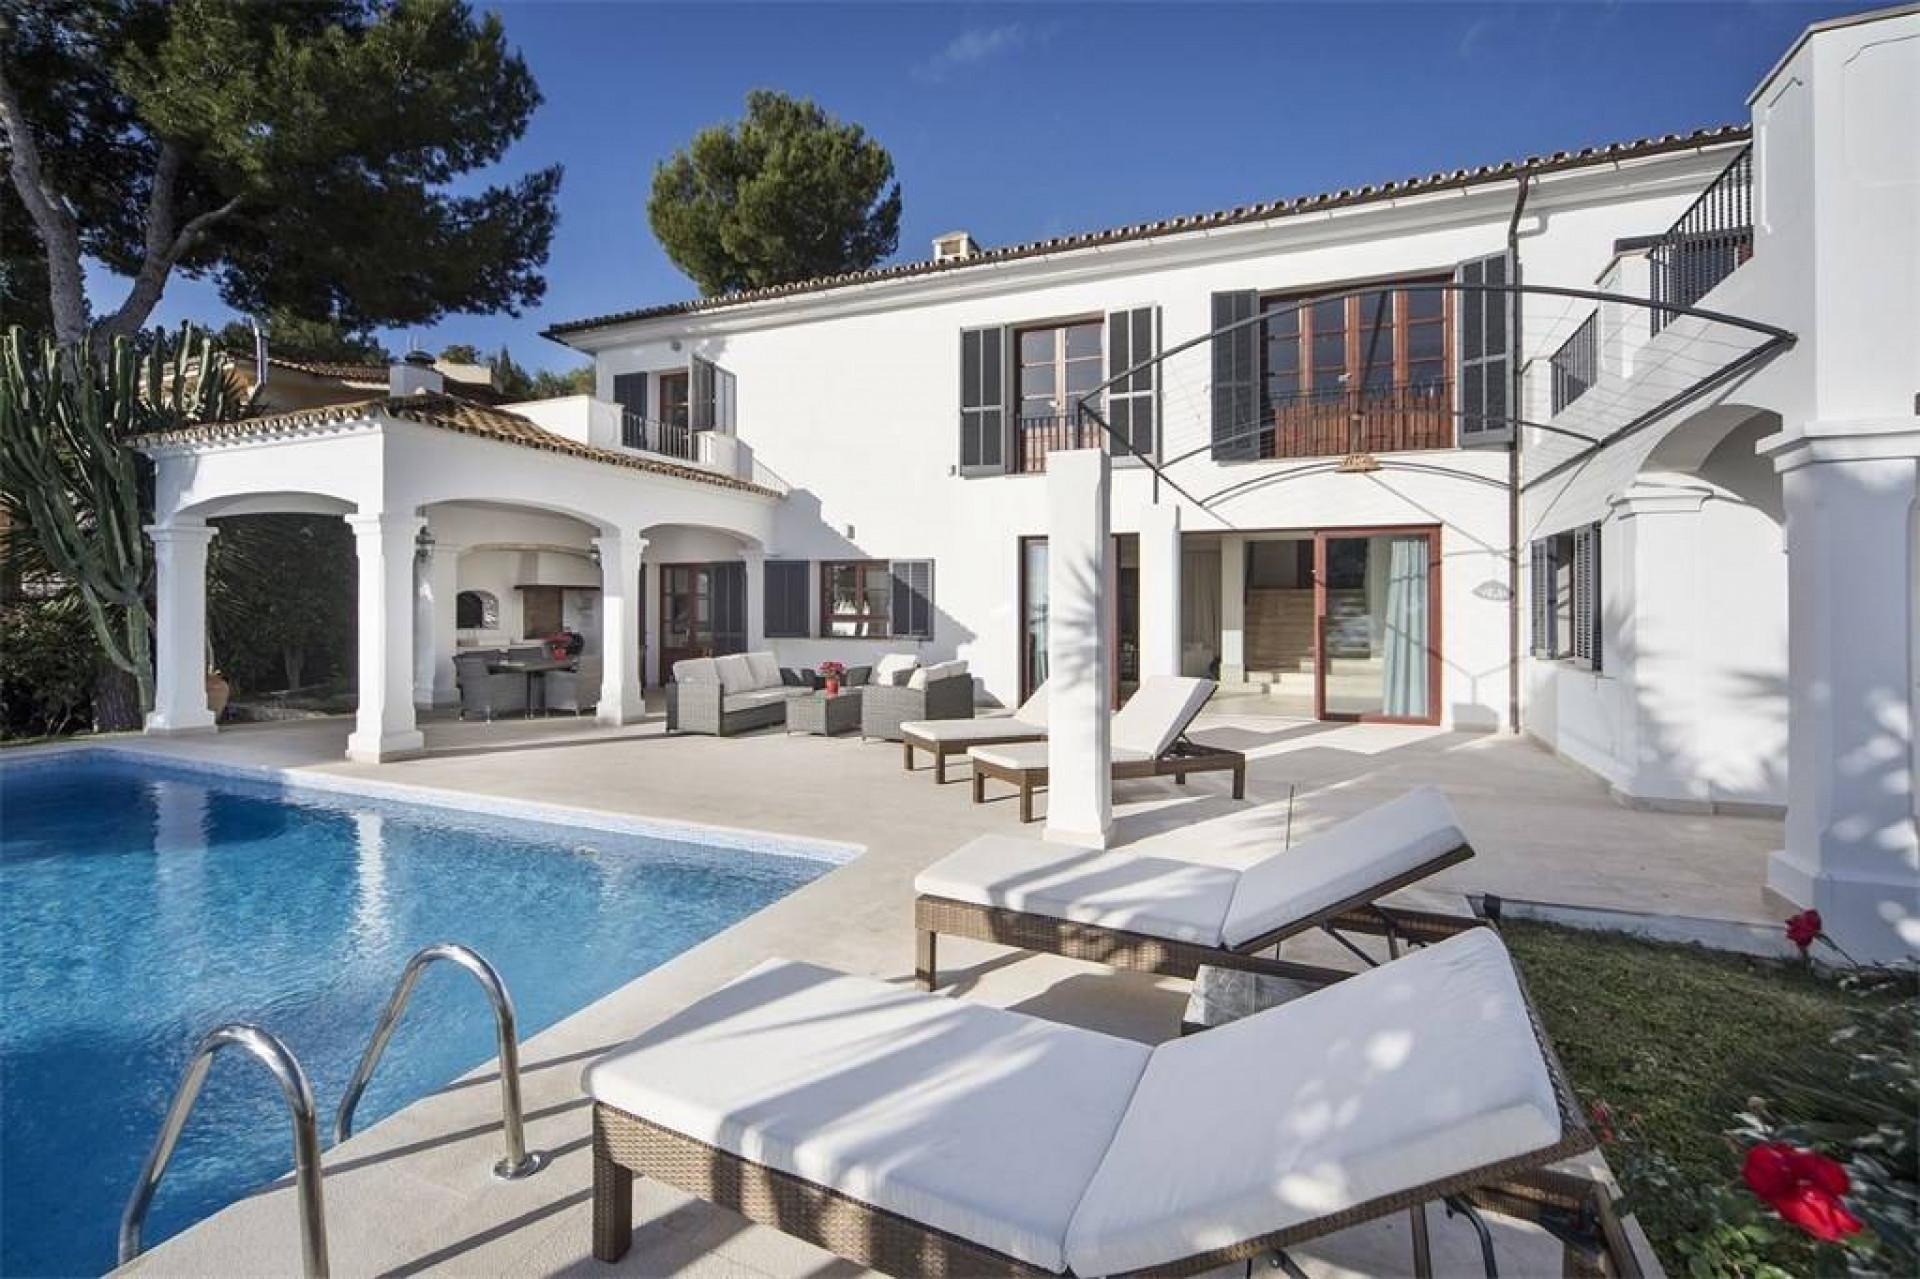 5 Bedrooms Villa Illetas Luxury Villa With Private Pool & Sea Views